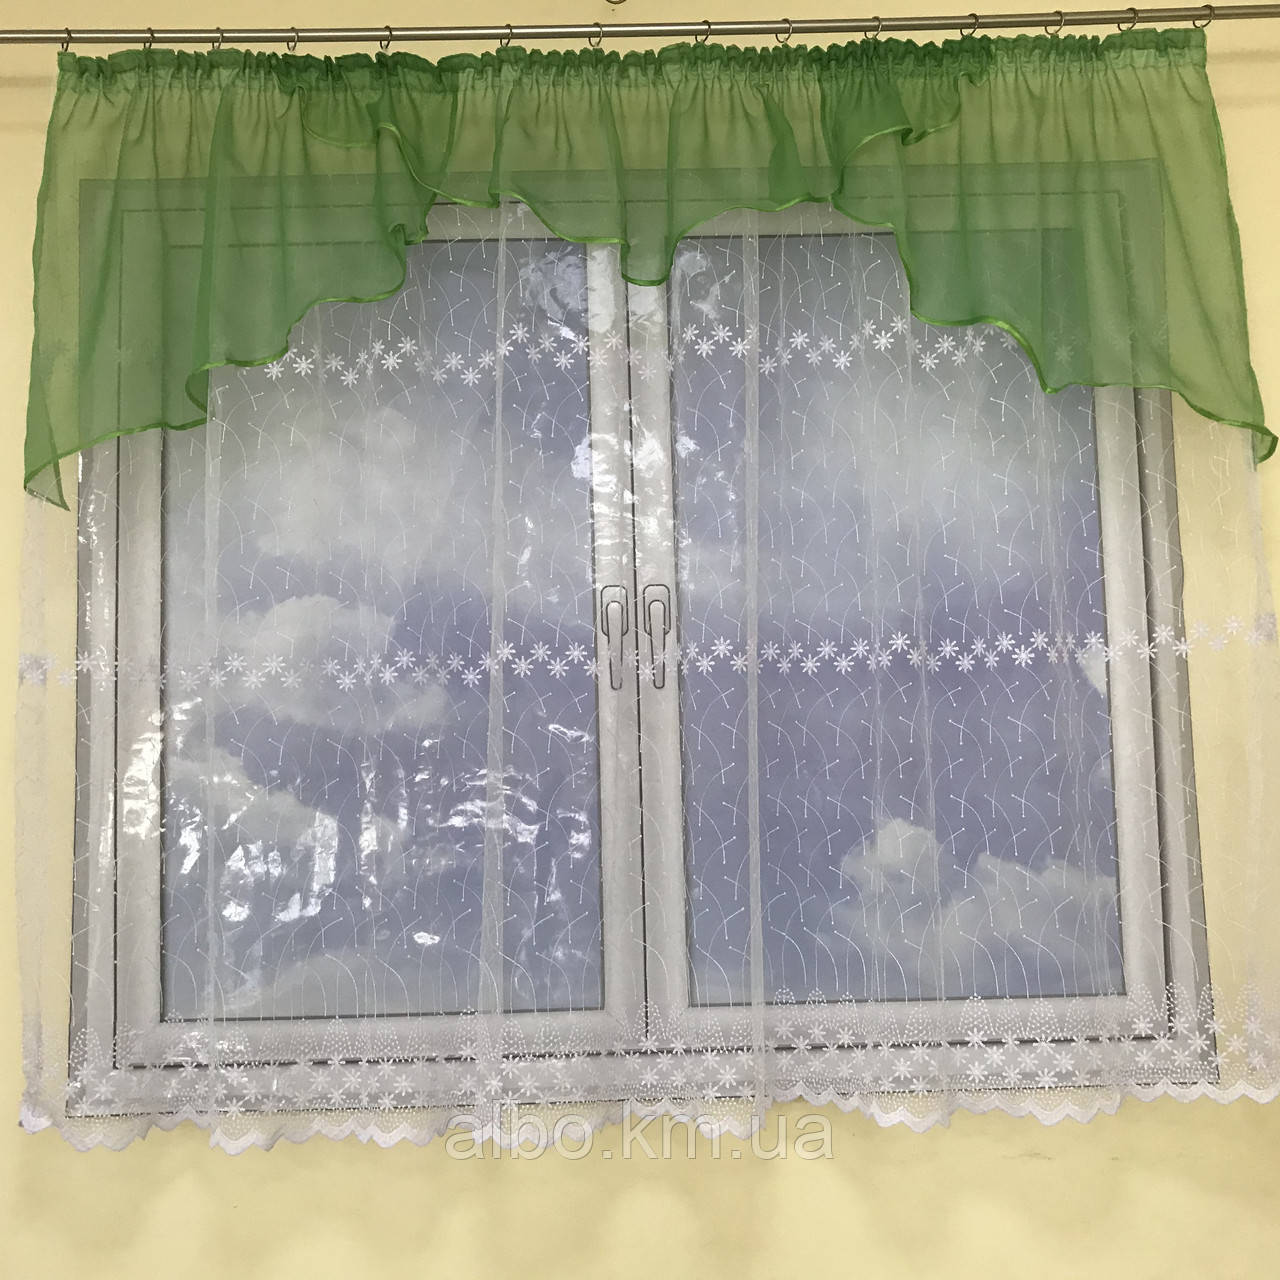 Короткая тюль для спальни из фатина ALBO 300x160 cm Бело-зеленая (KU-125-8)